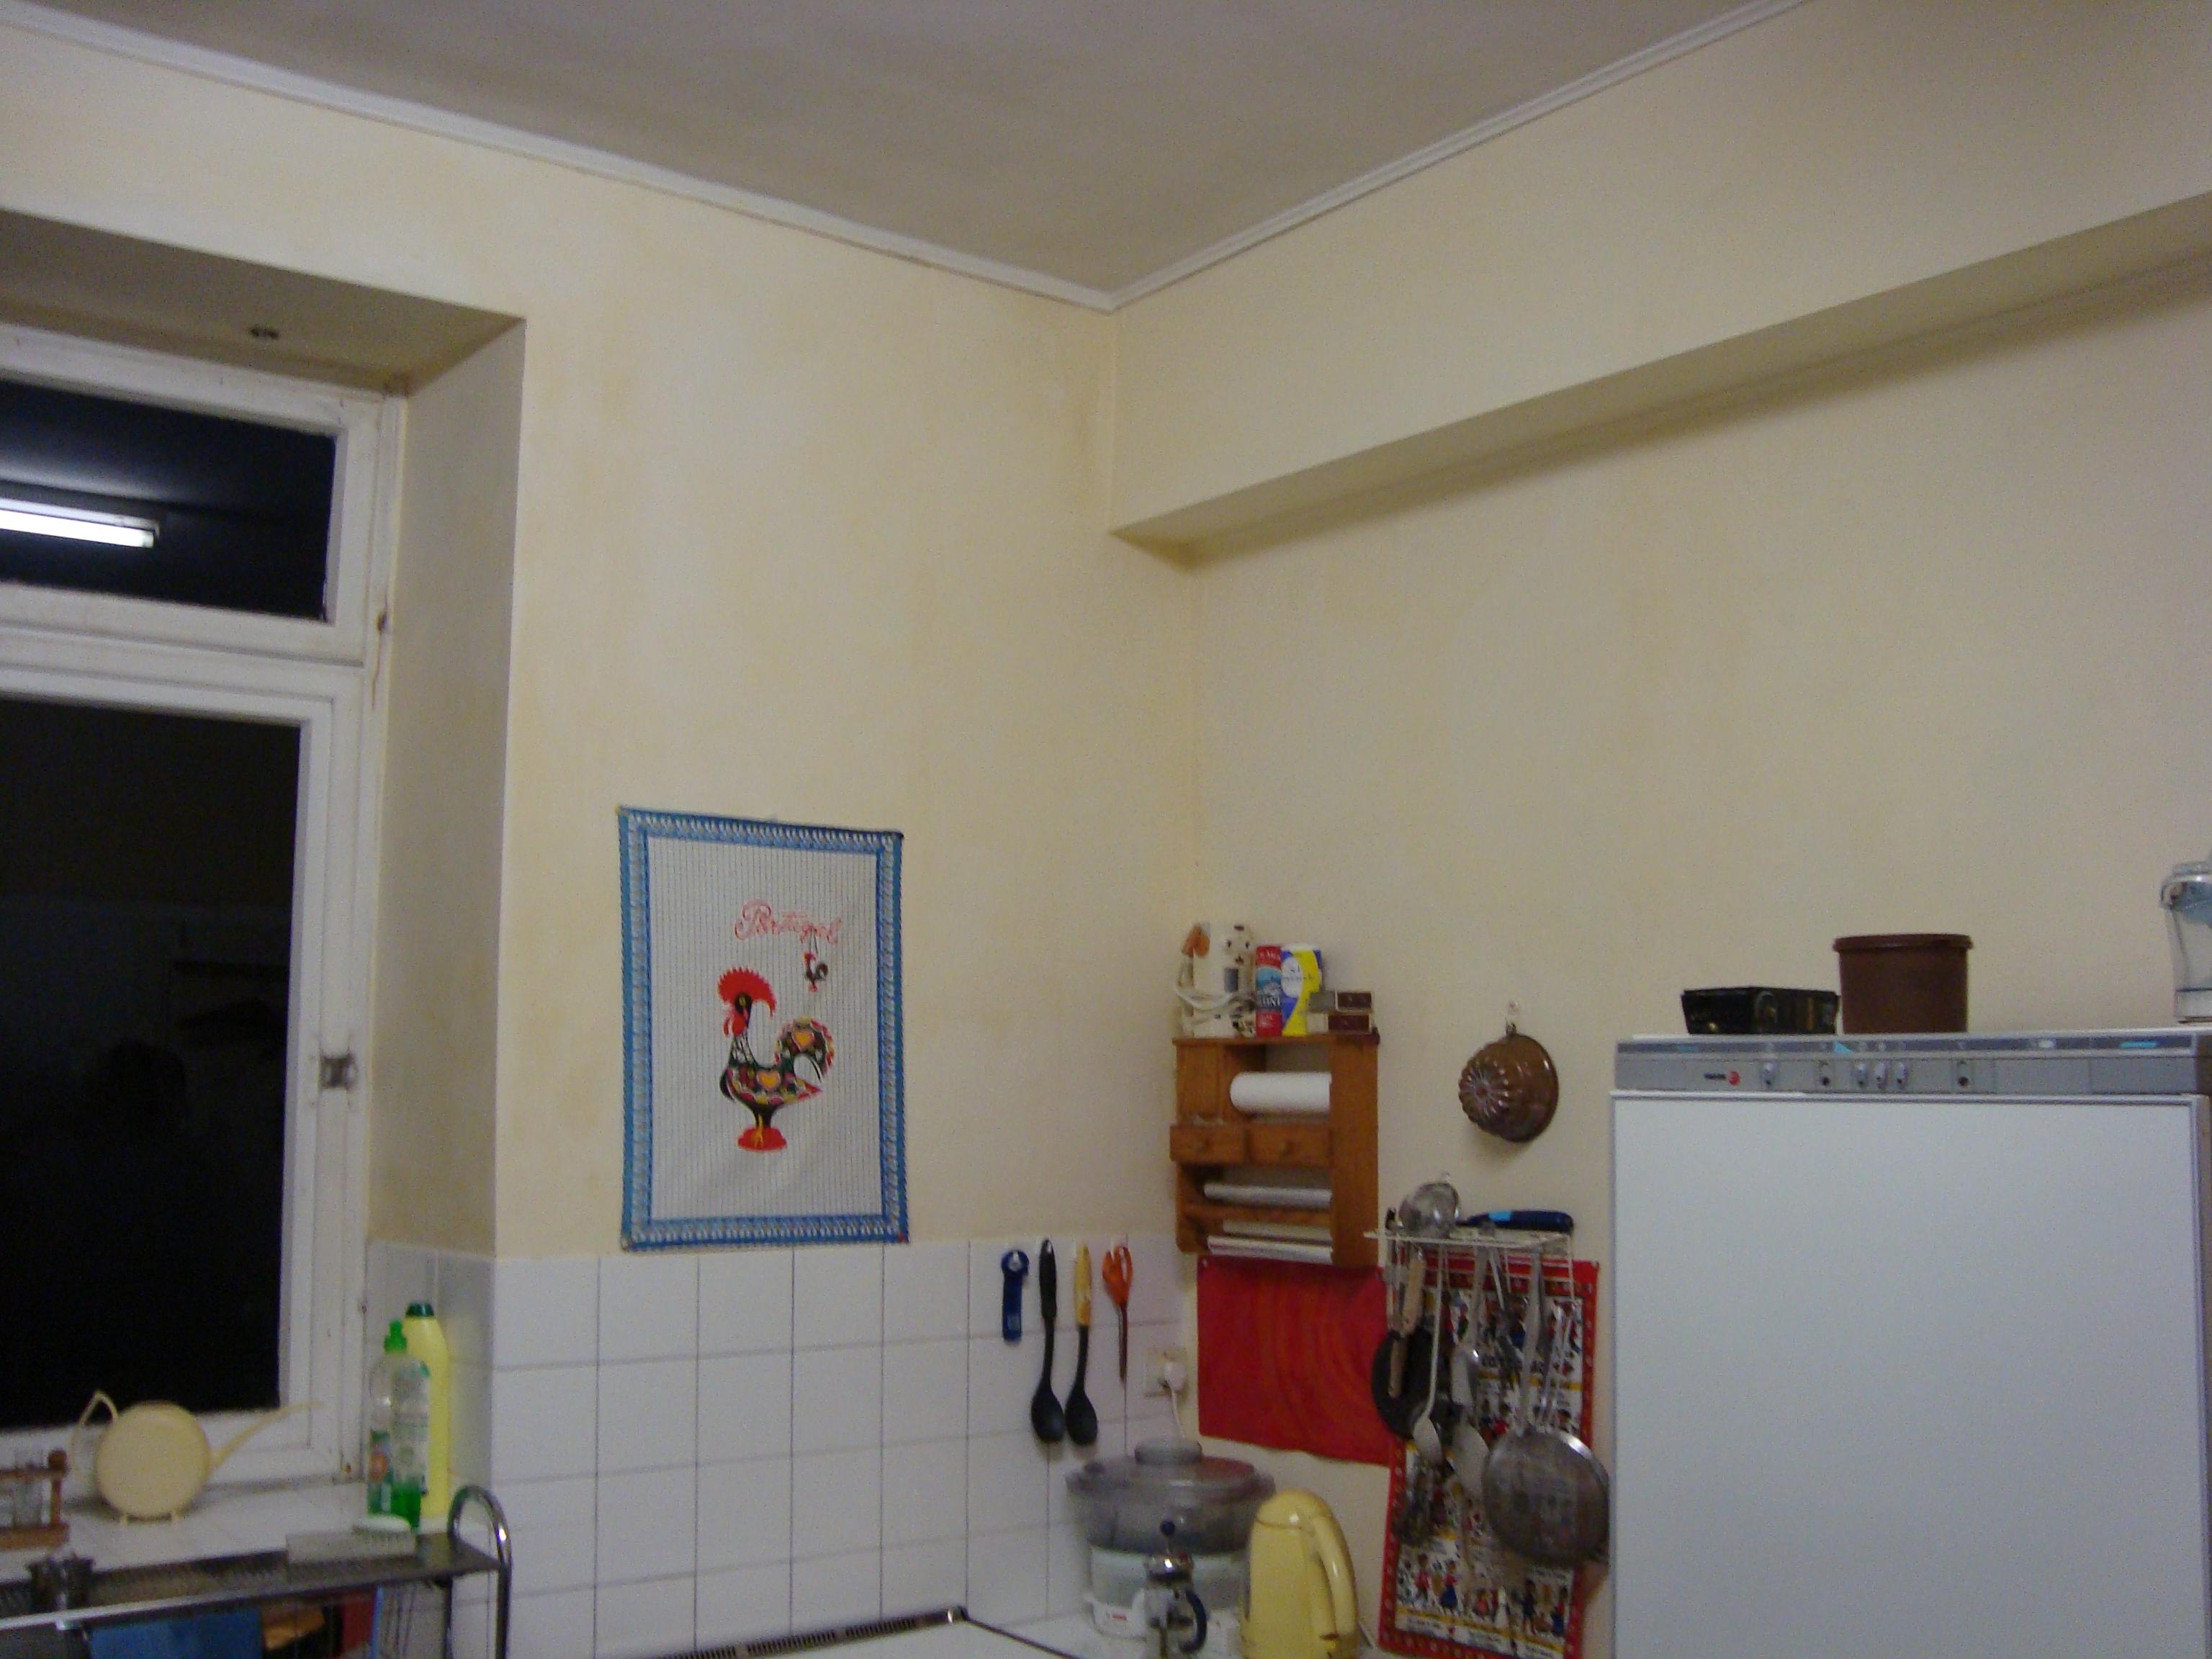 Remde dcoratif aux cuisines humides   le blog d' ambiance deco ...